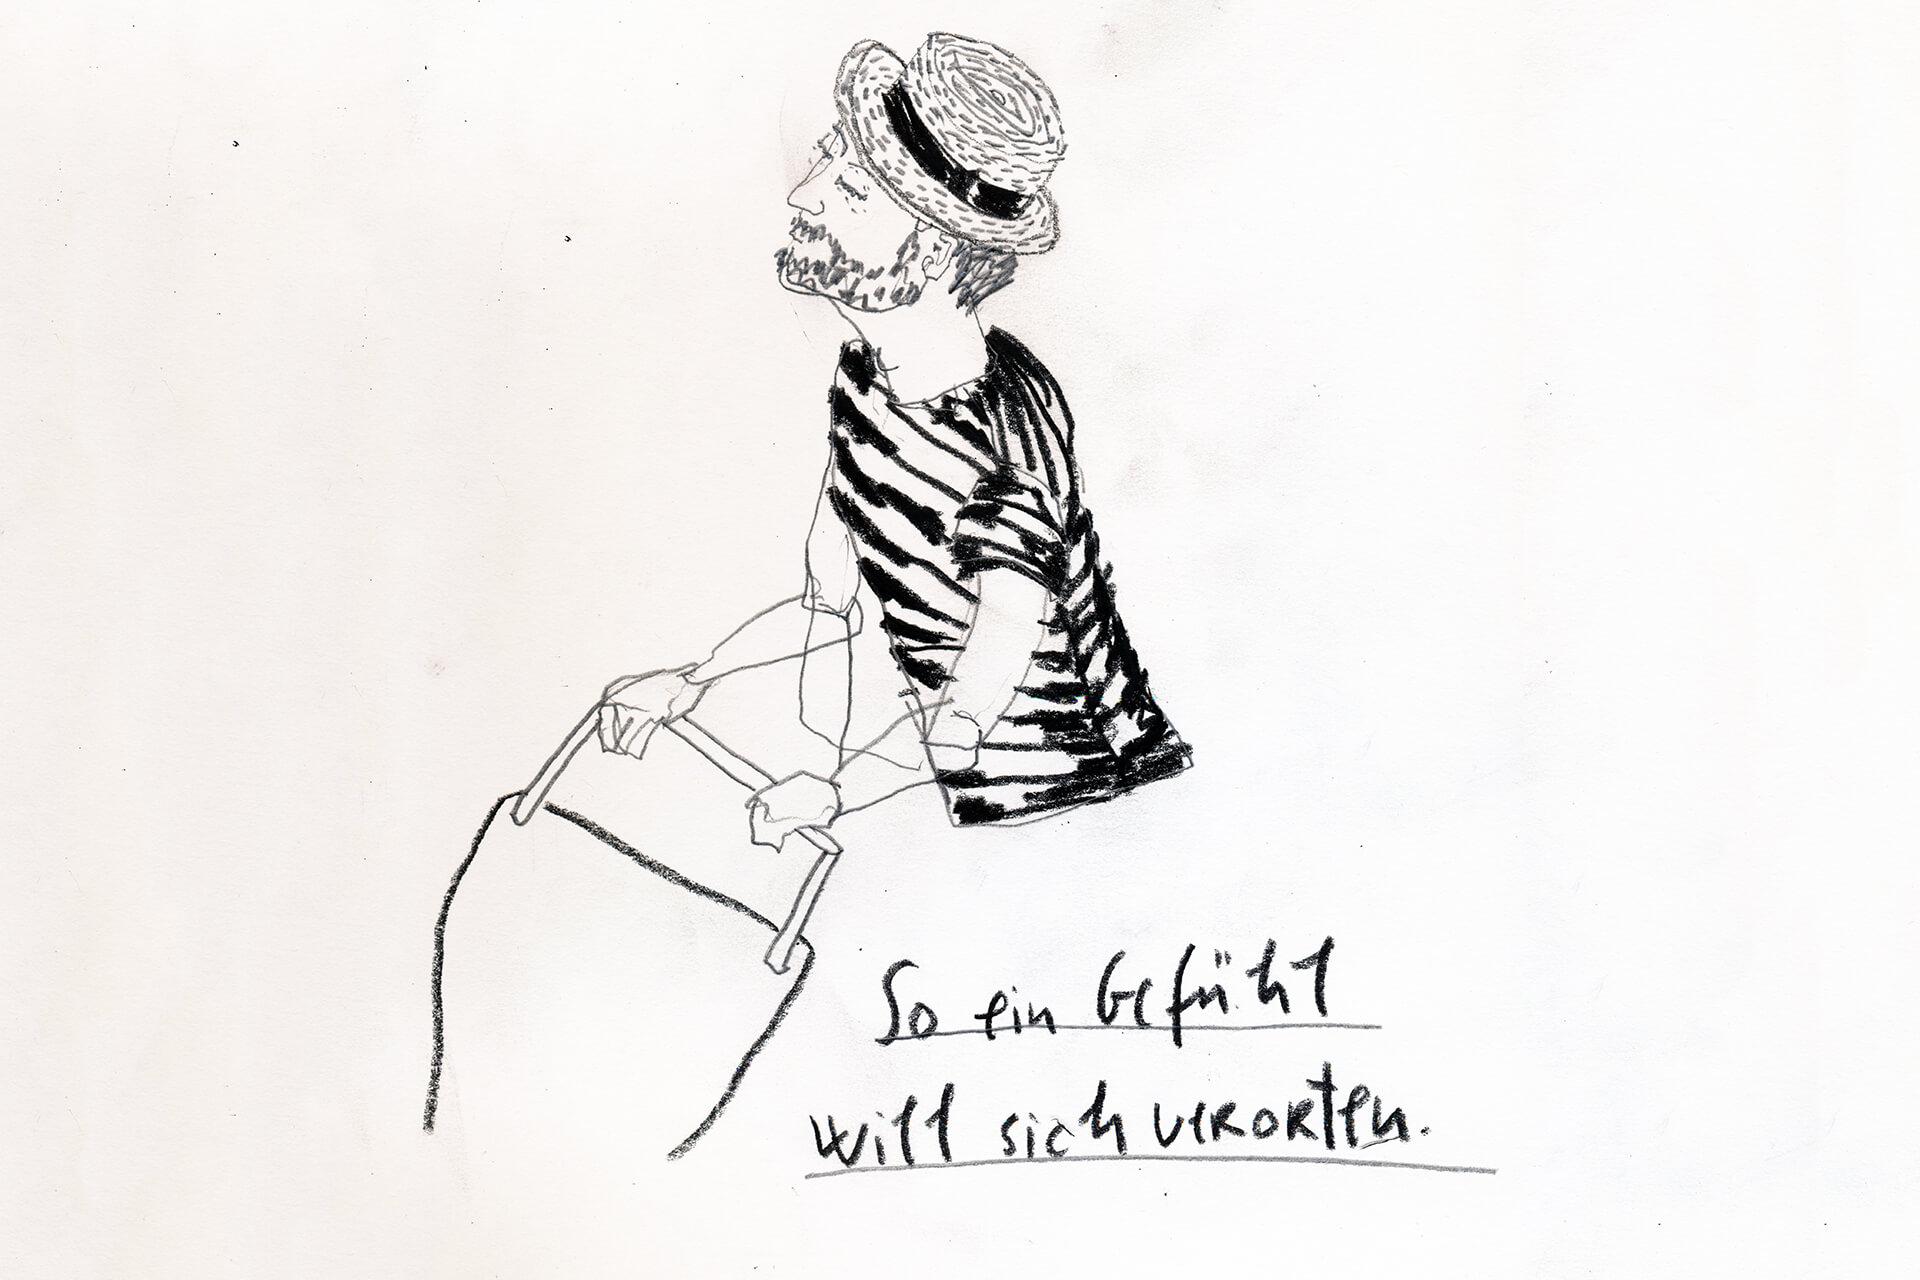 Matrosenhunde Illustration Zeichnung Illustratorin Text Prosa Wochenkalender So ein Gefühl will sich erst verorten